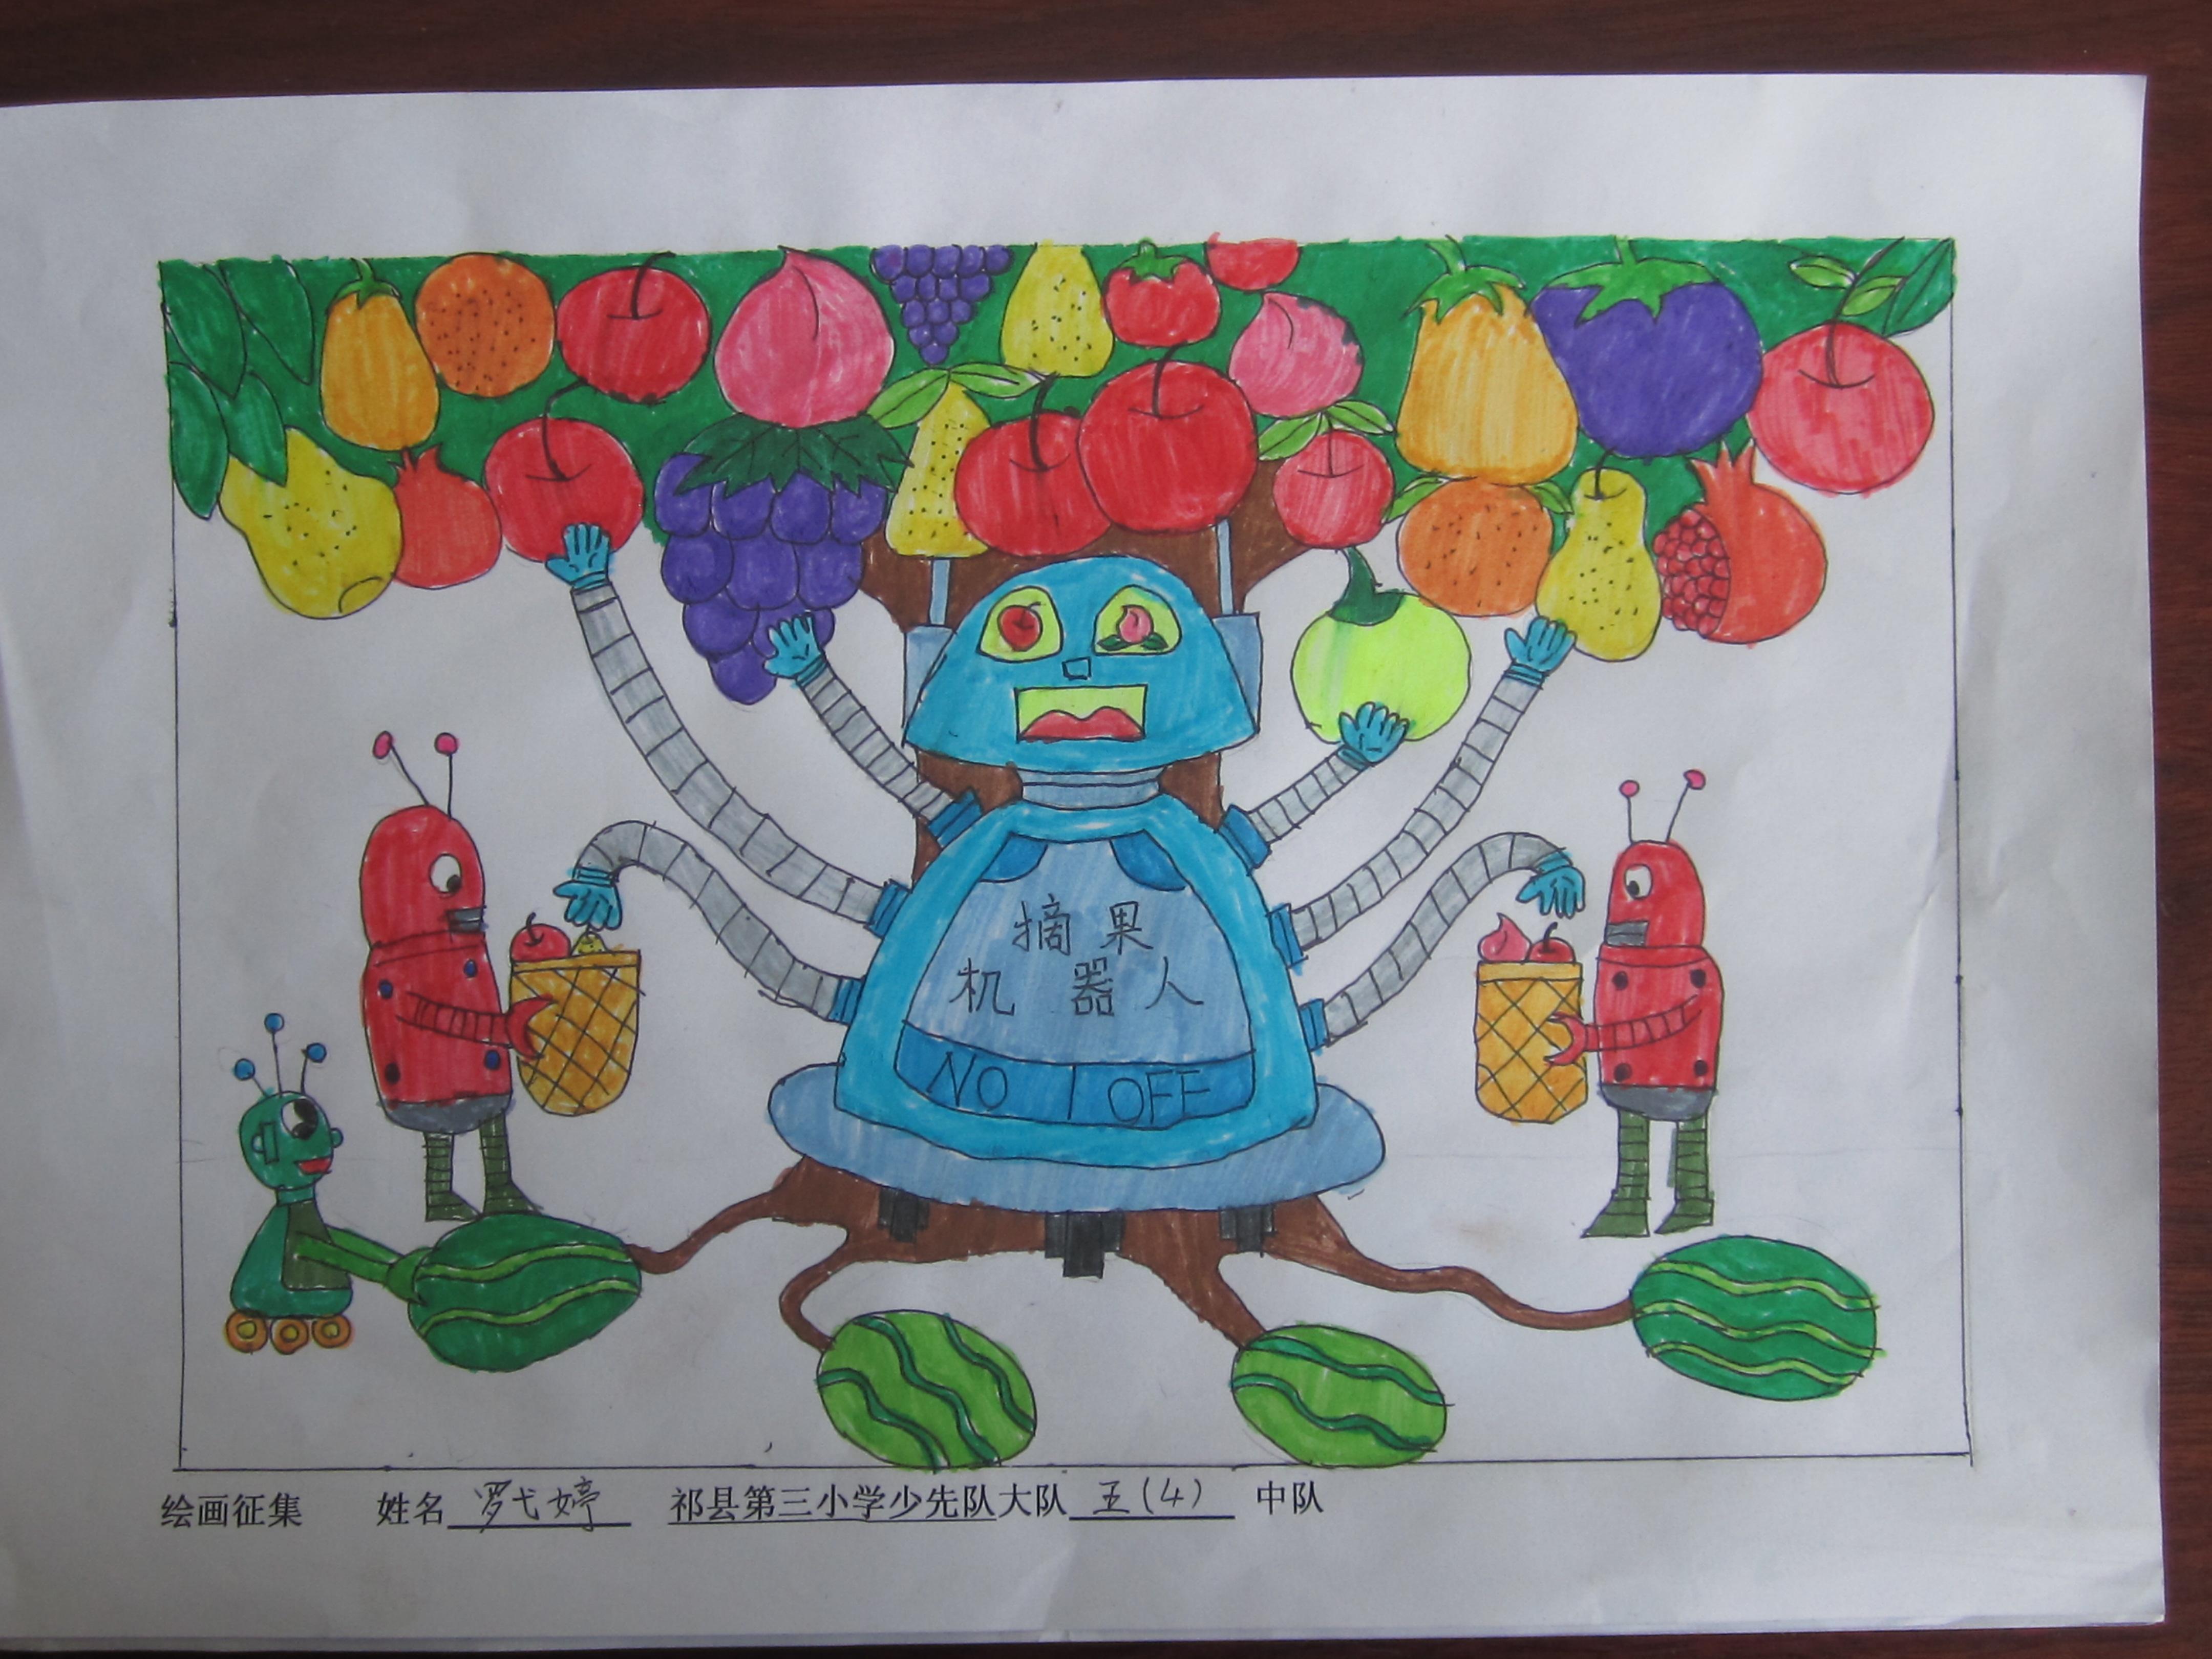 祁县第三小学蓝色科技梦绘画作品选(二)图片